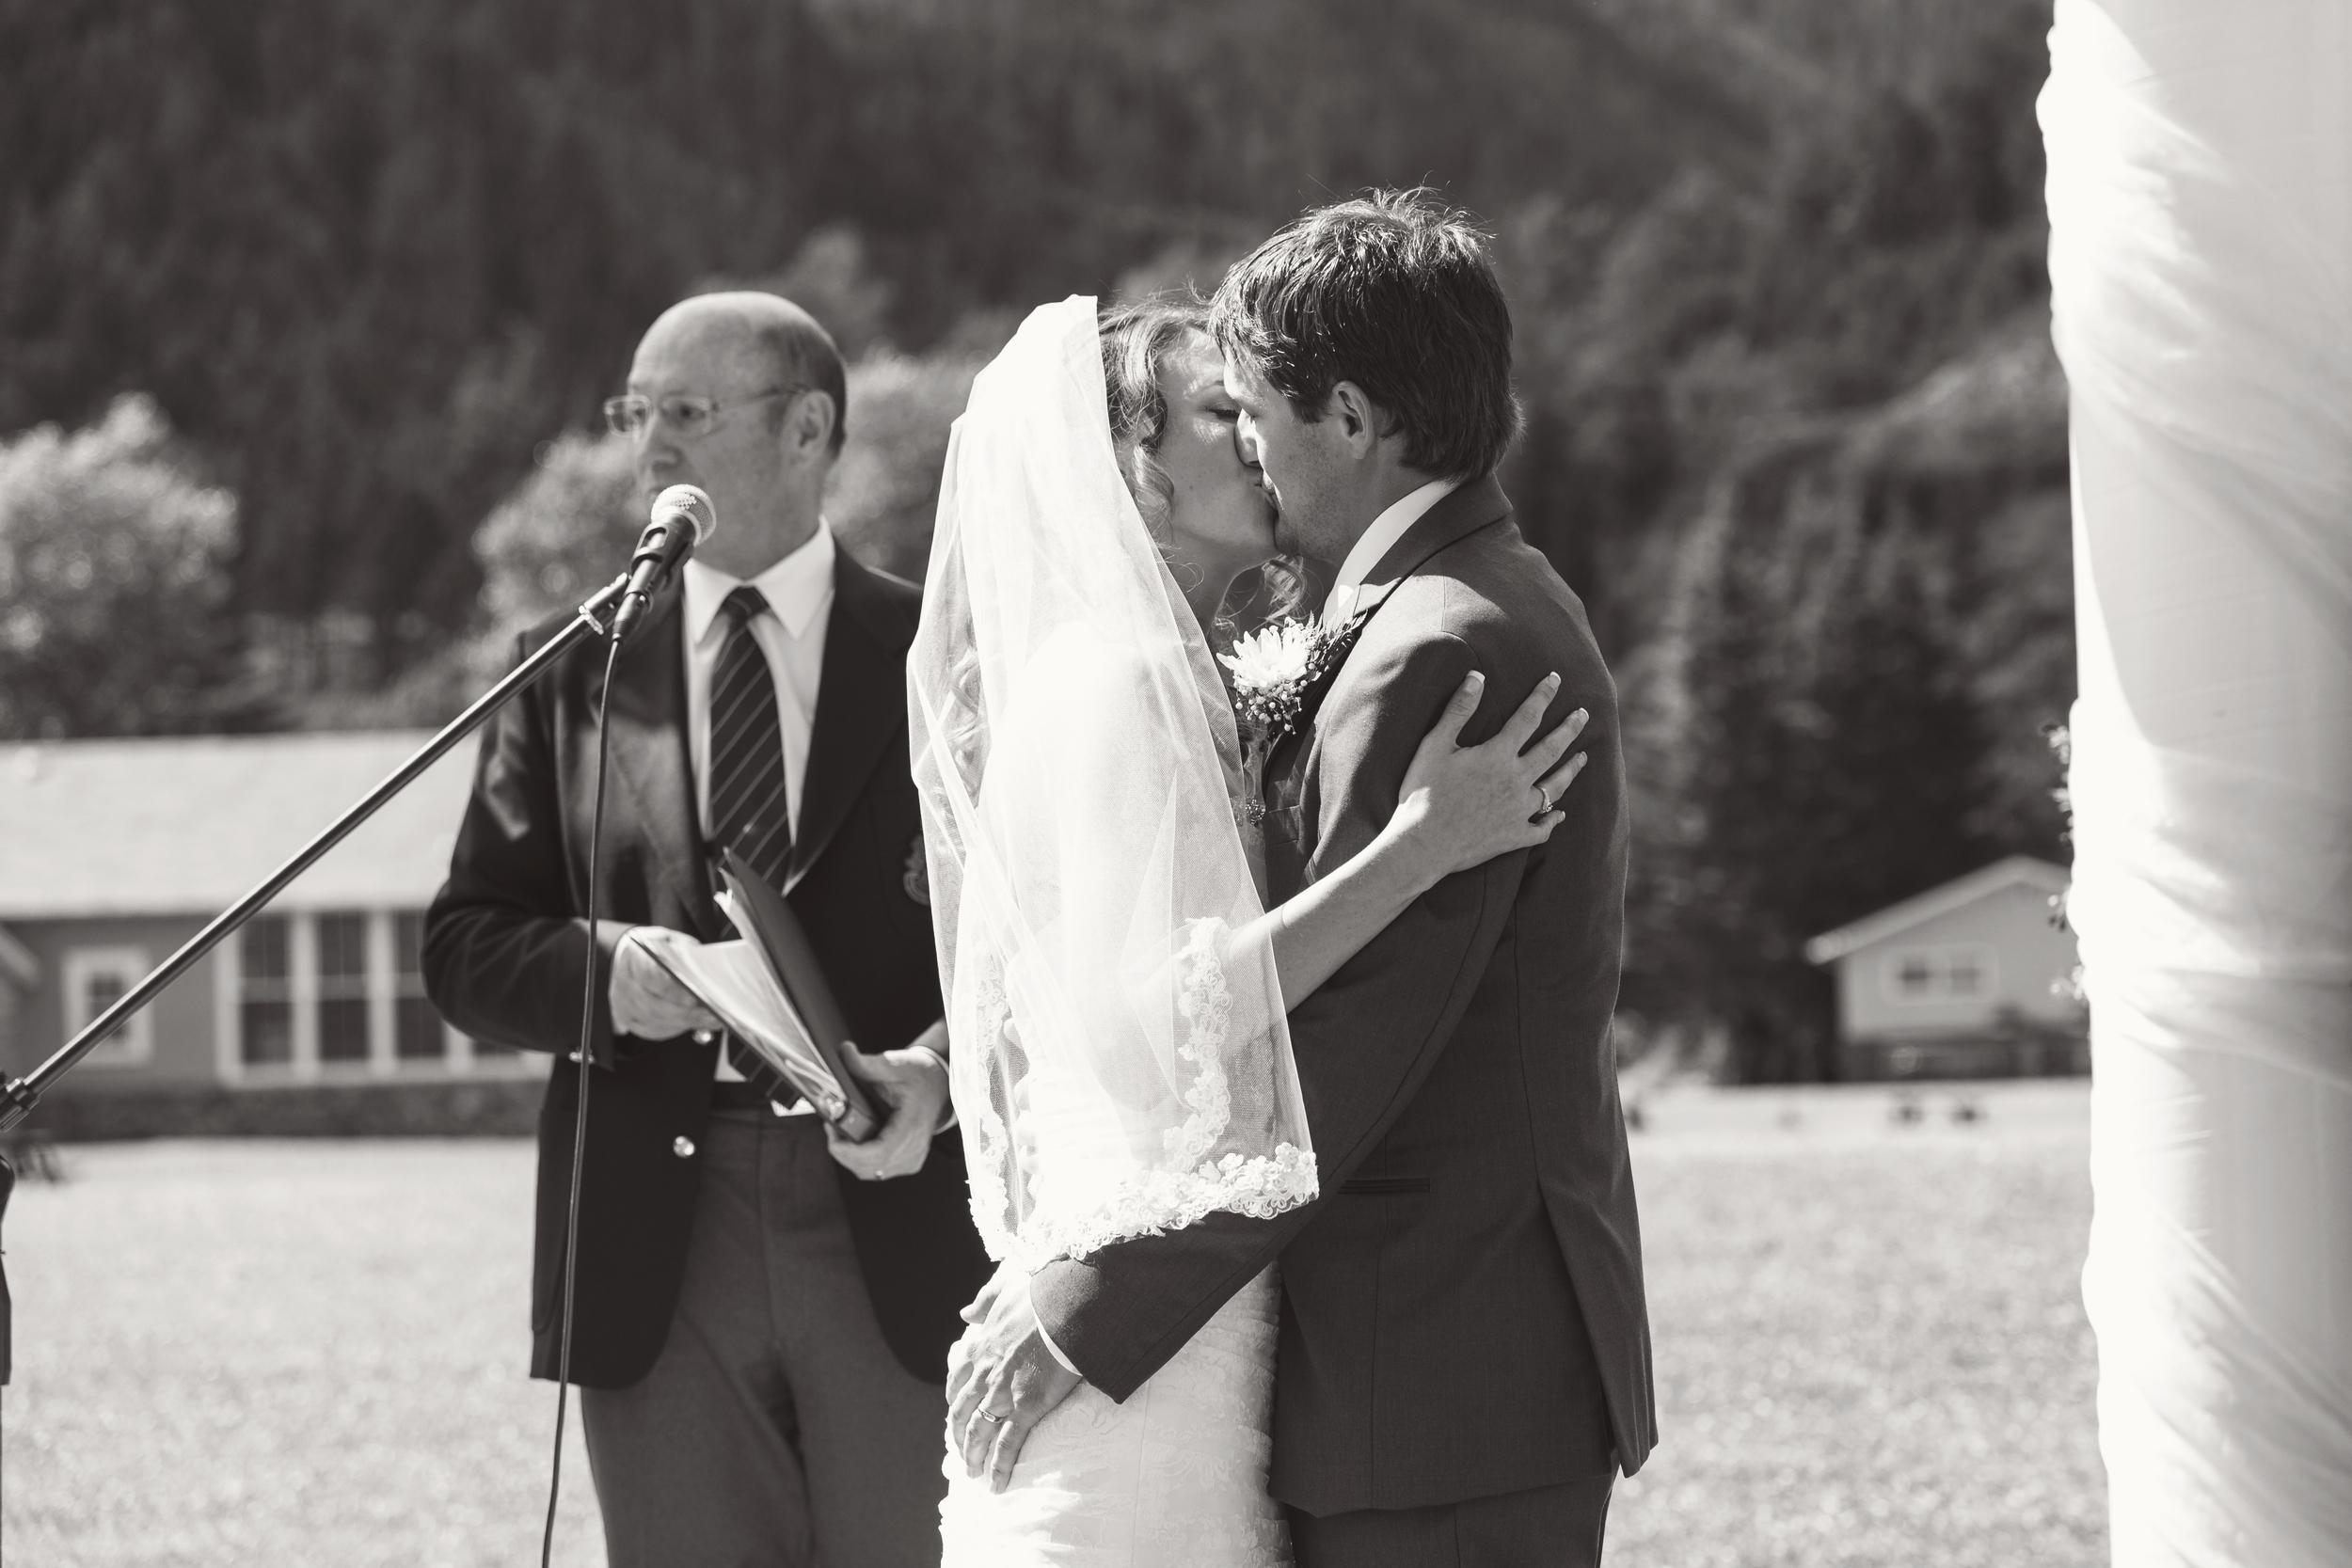 TJ_Wedding_211_bw.jpg